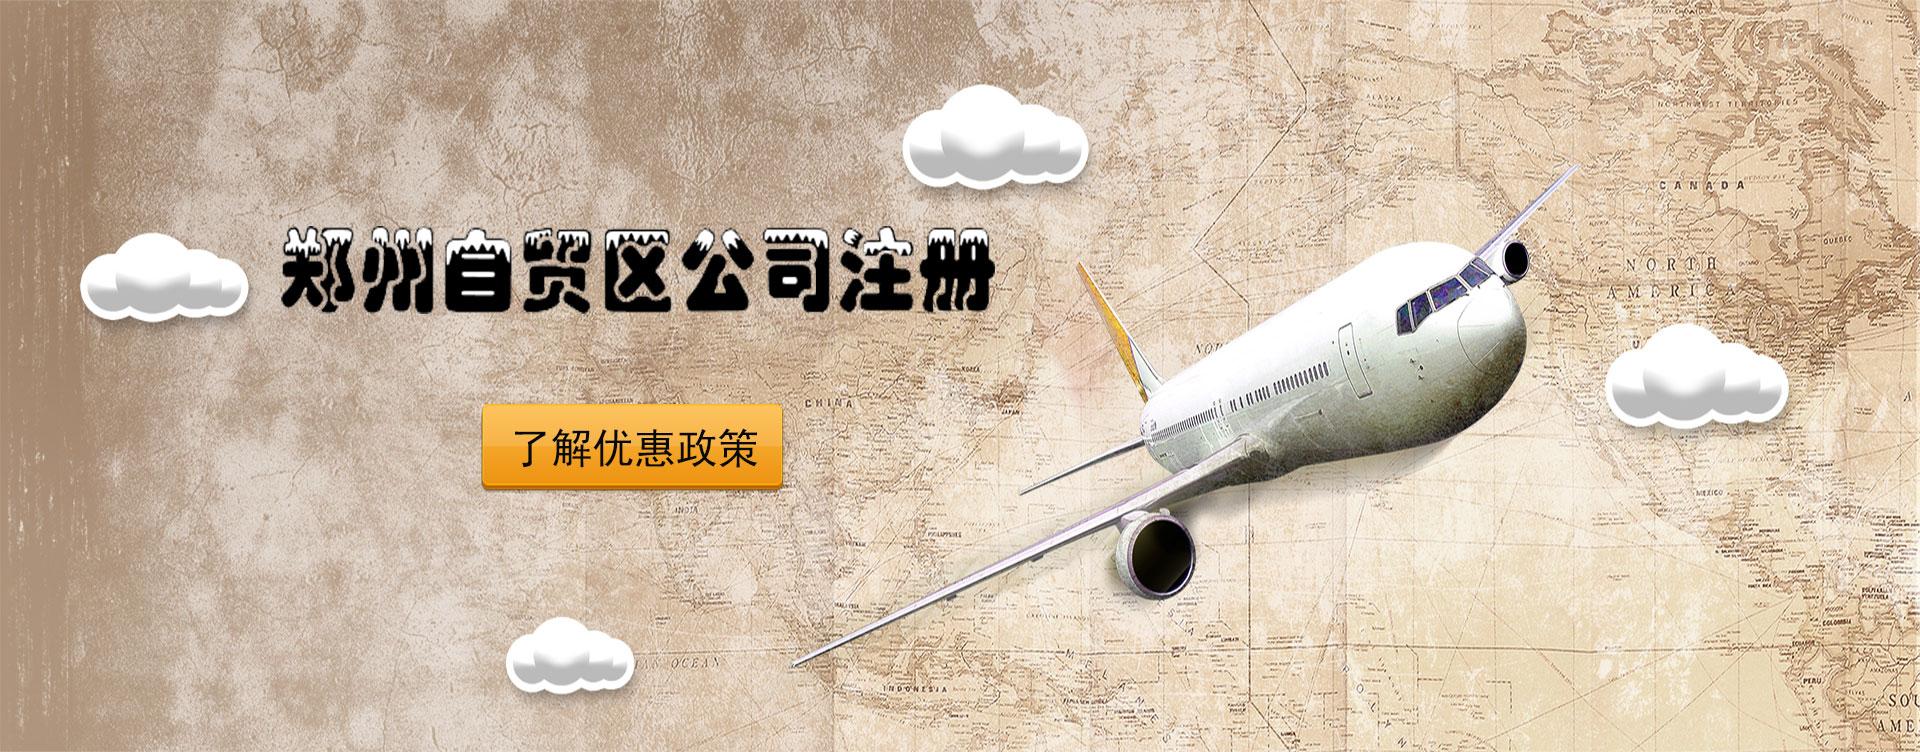 郑州自贸区公司注册